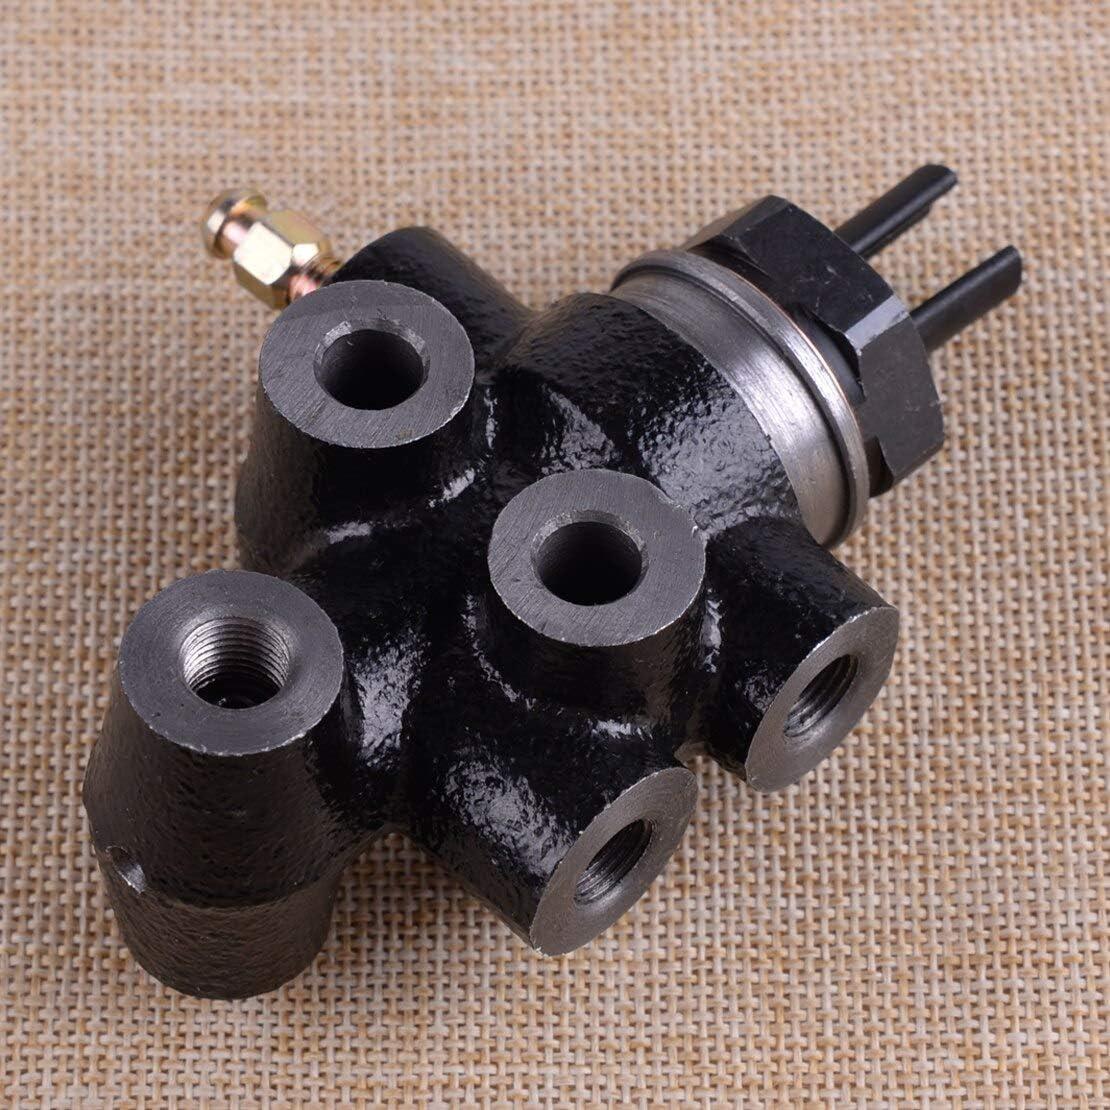 VasyShop Max 85% OFF Brake Load Sensing Proportioning specialty shop Com Fixs Fit For Valve